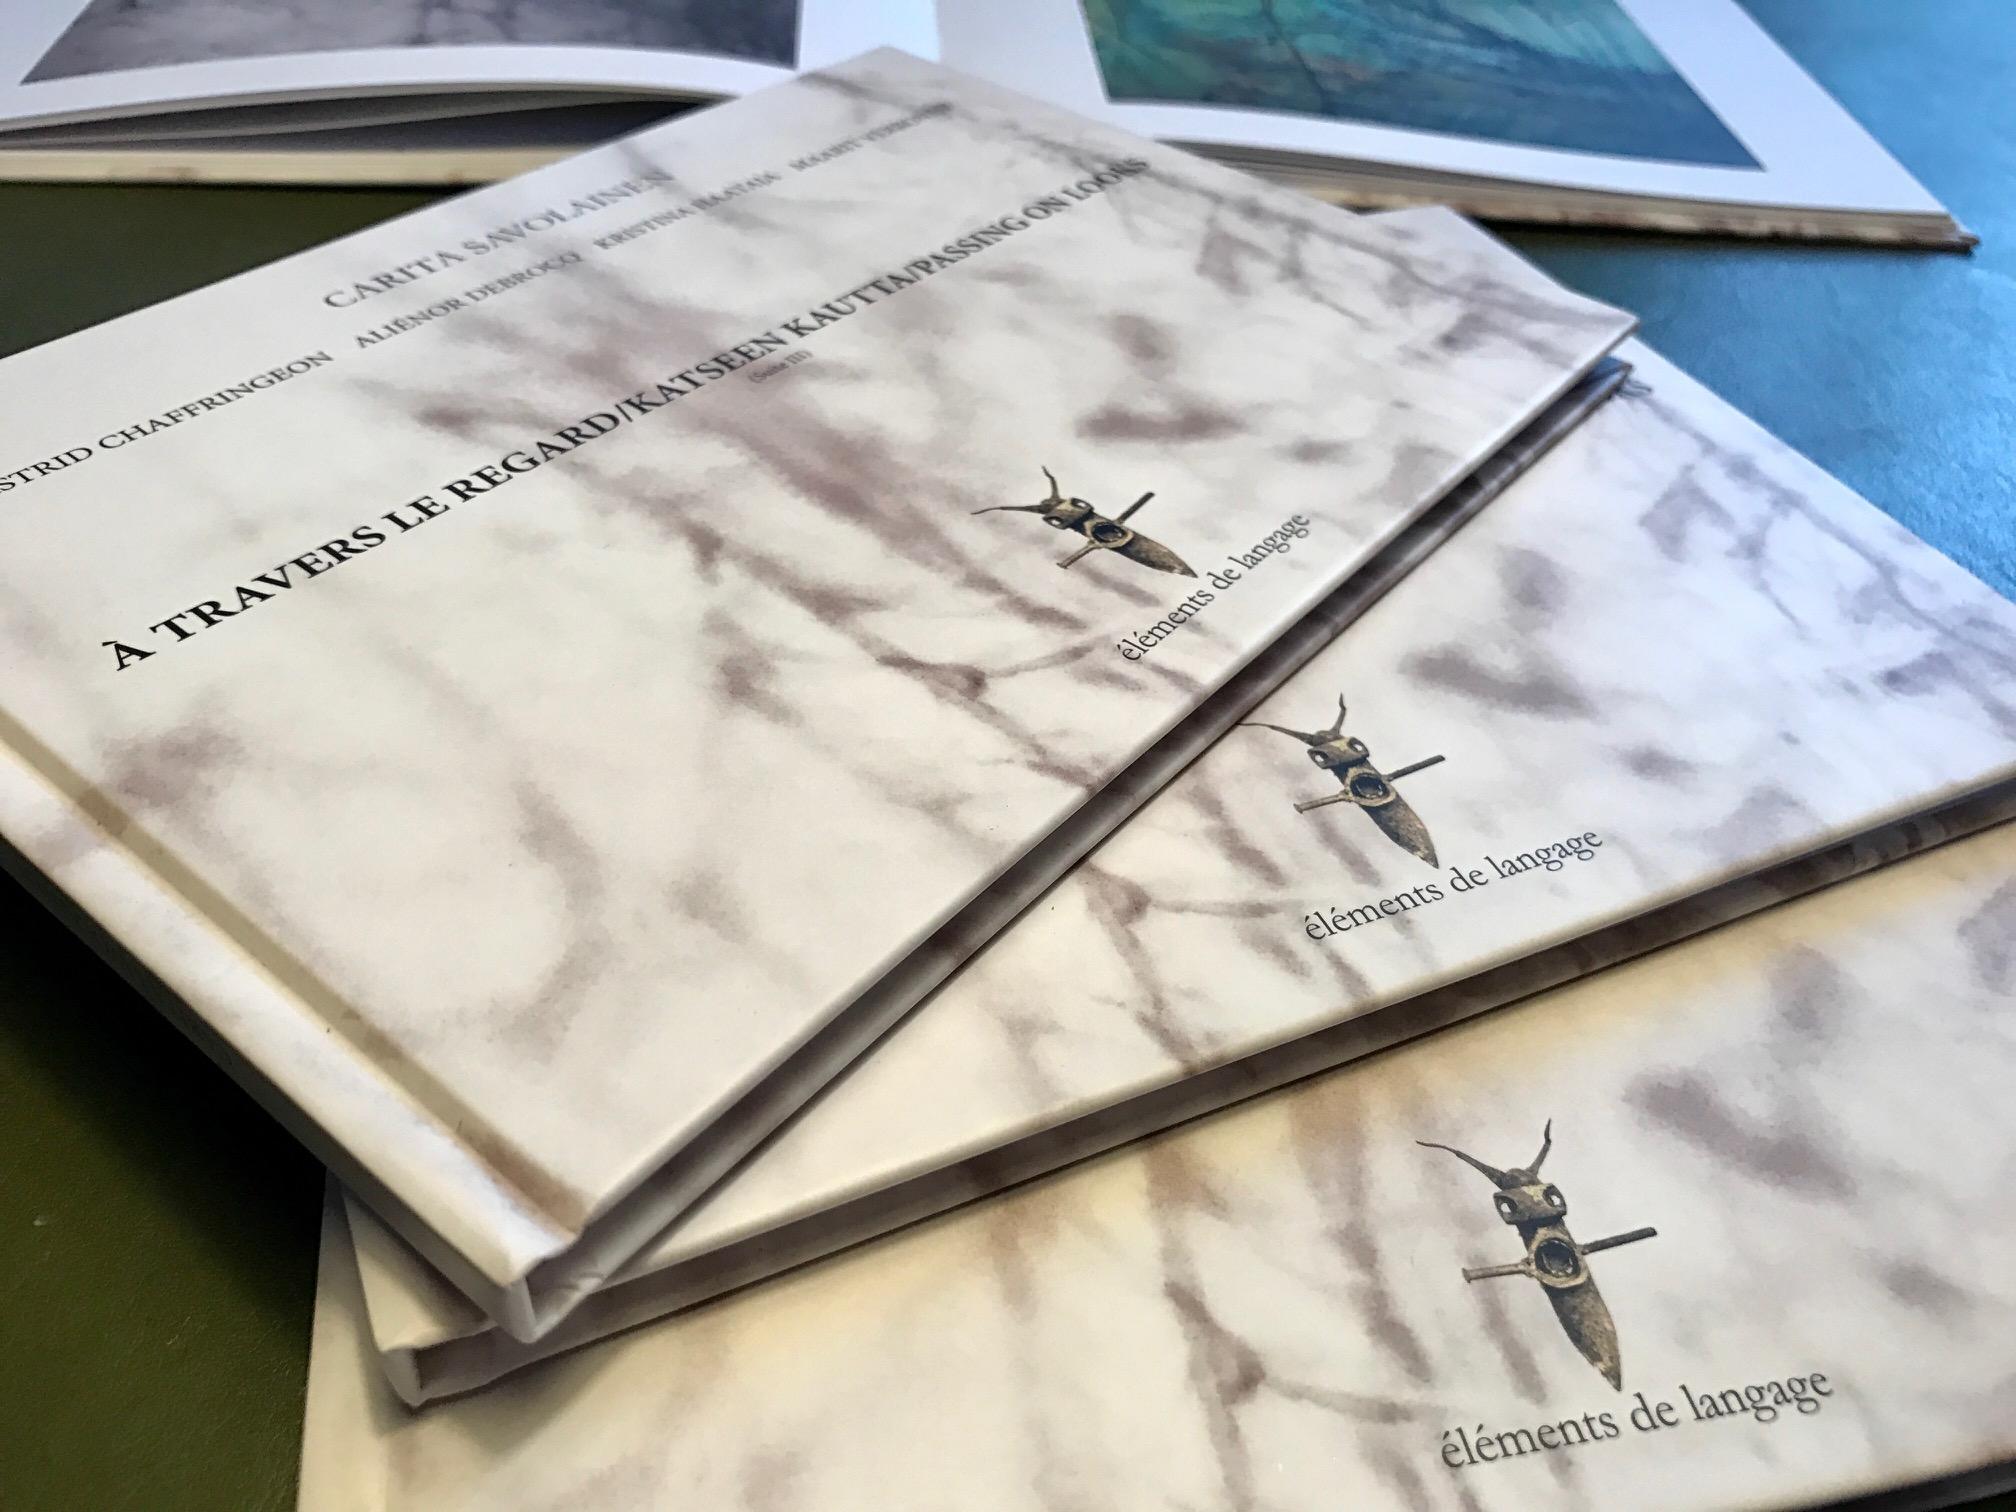 edition-elements-de-langage-nicolas-chieusse